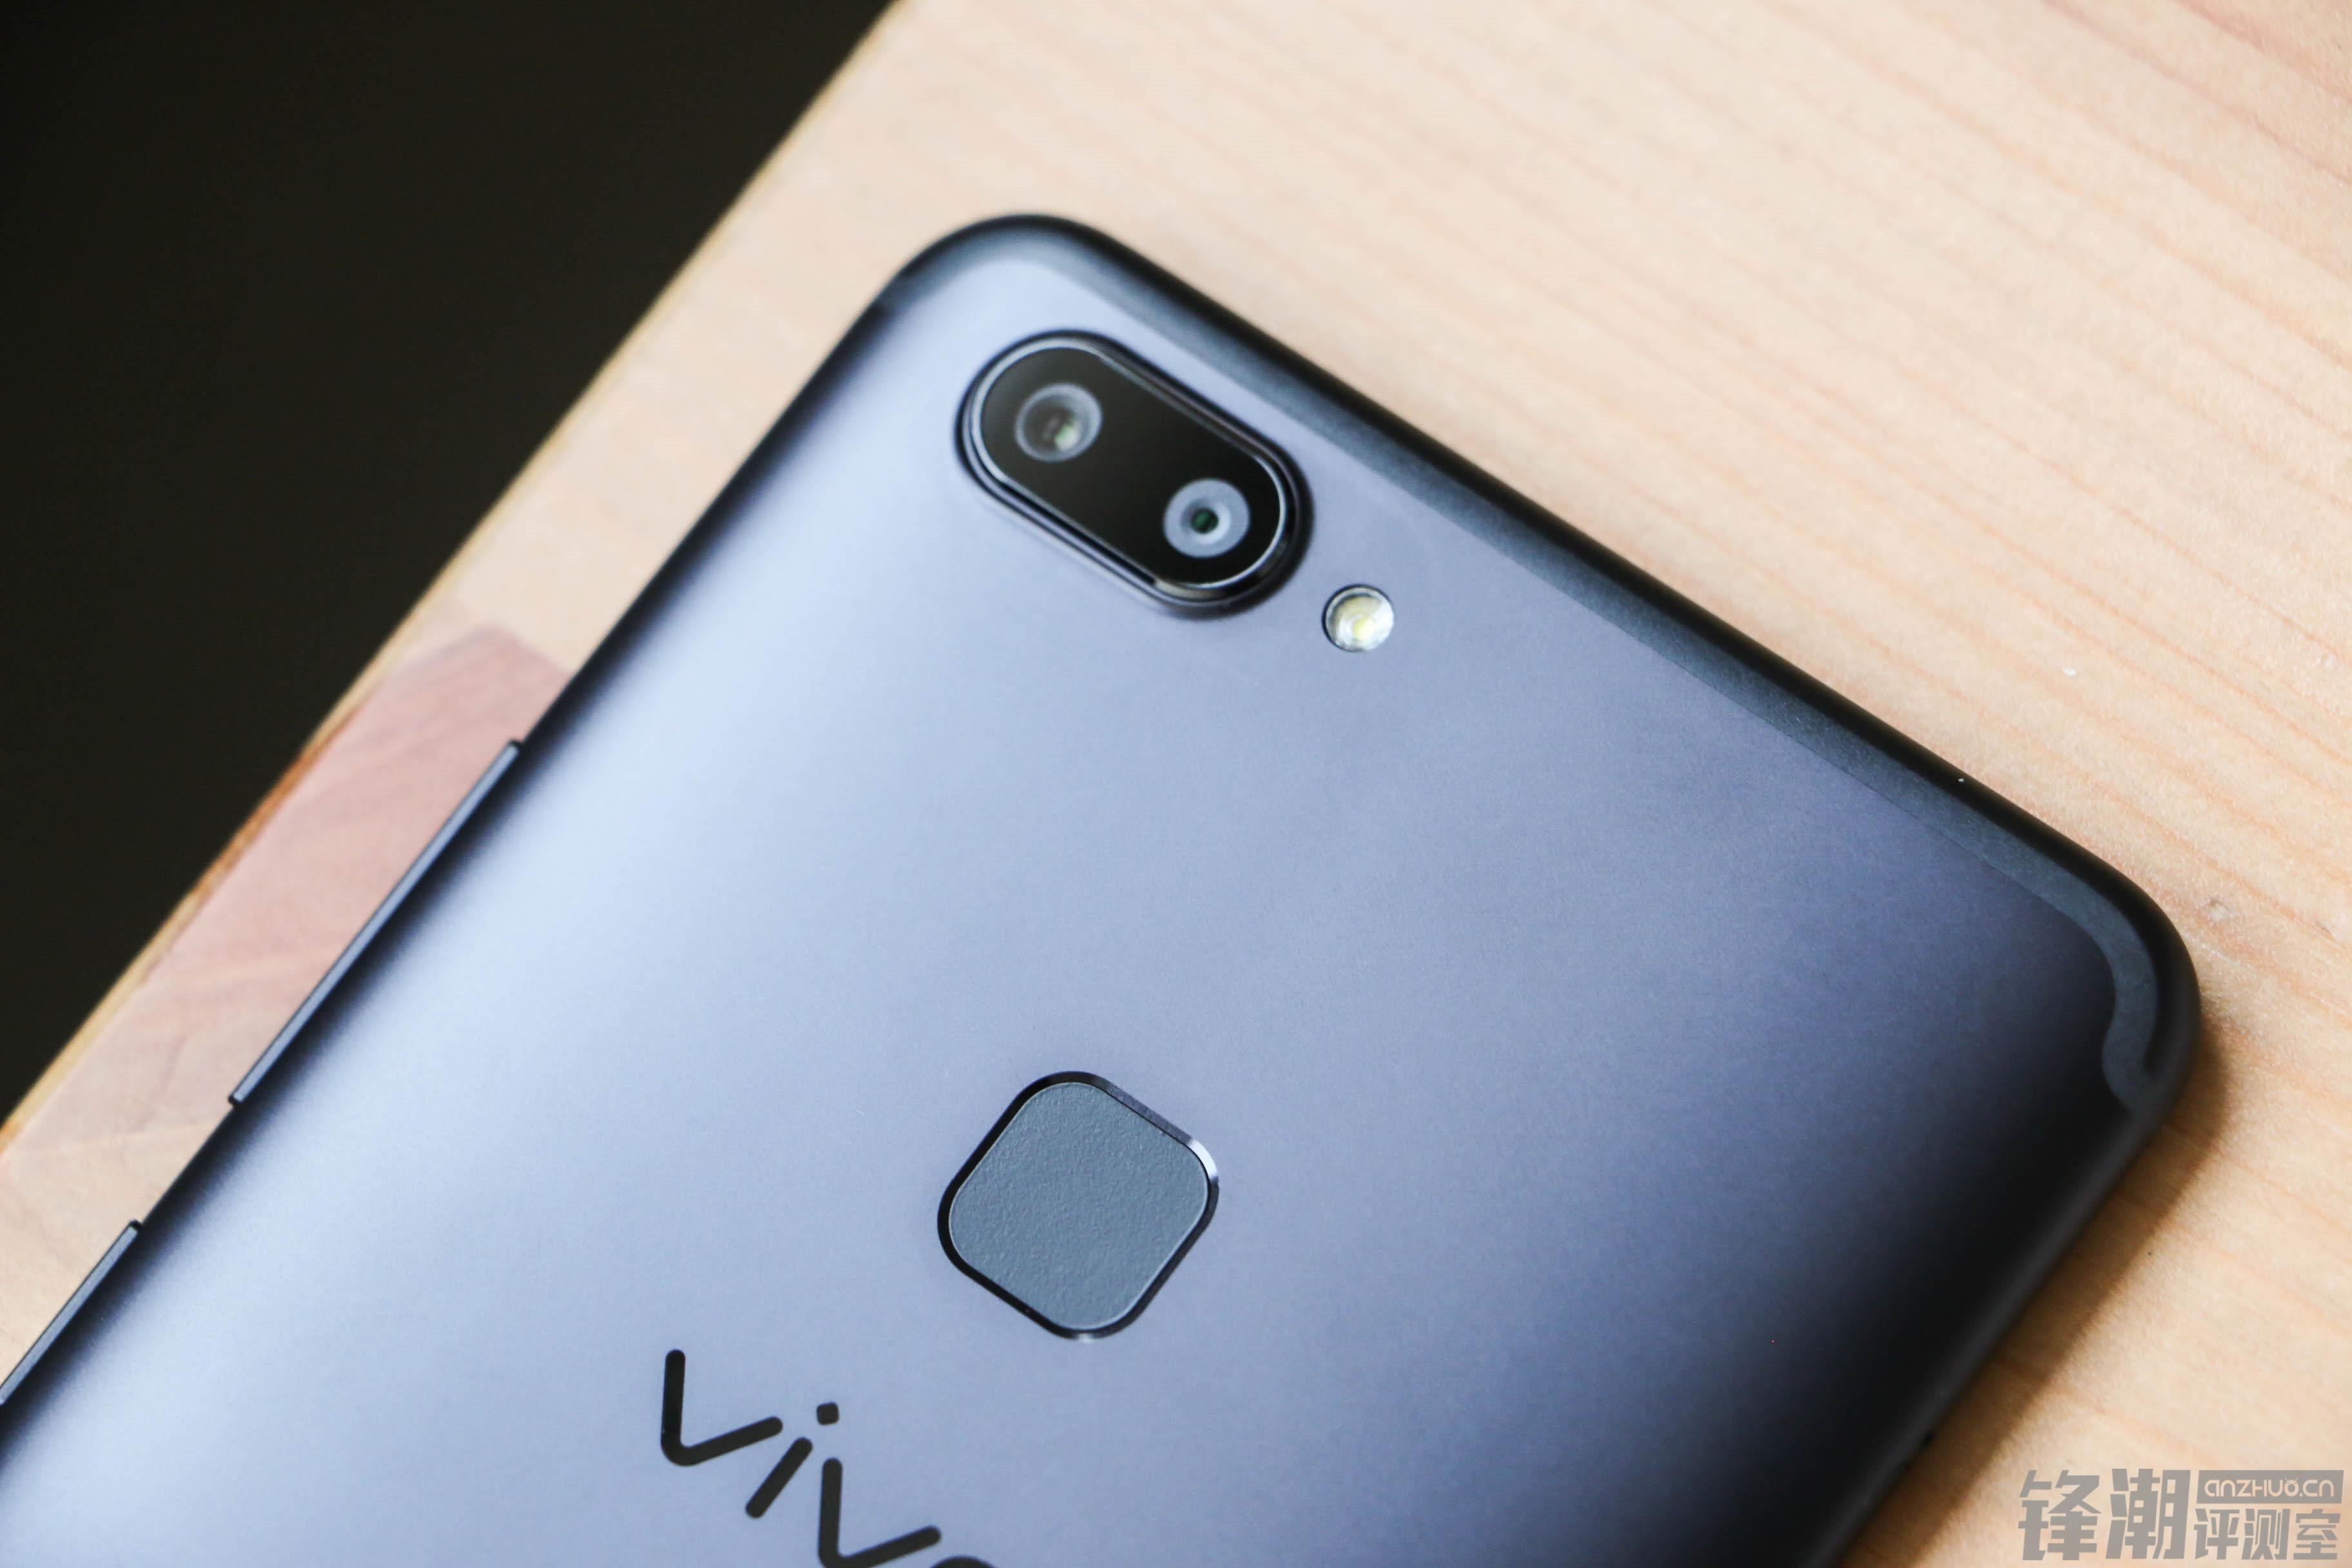 【力皮西】vivo X20详细评测:不止惊艳,更多实用